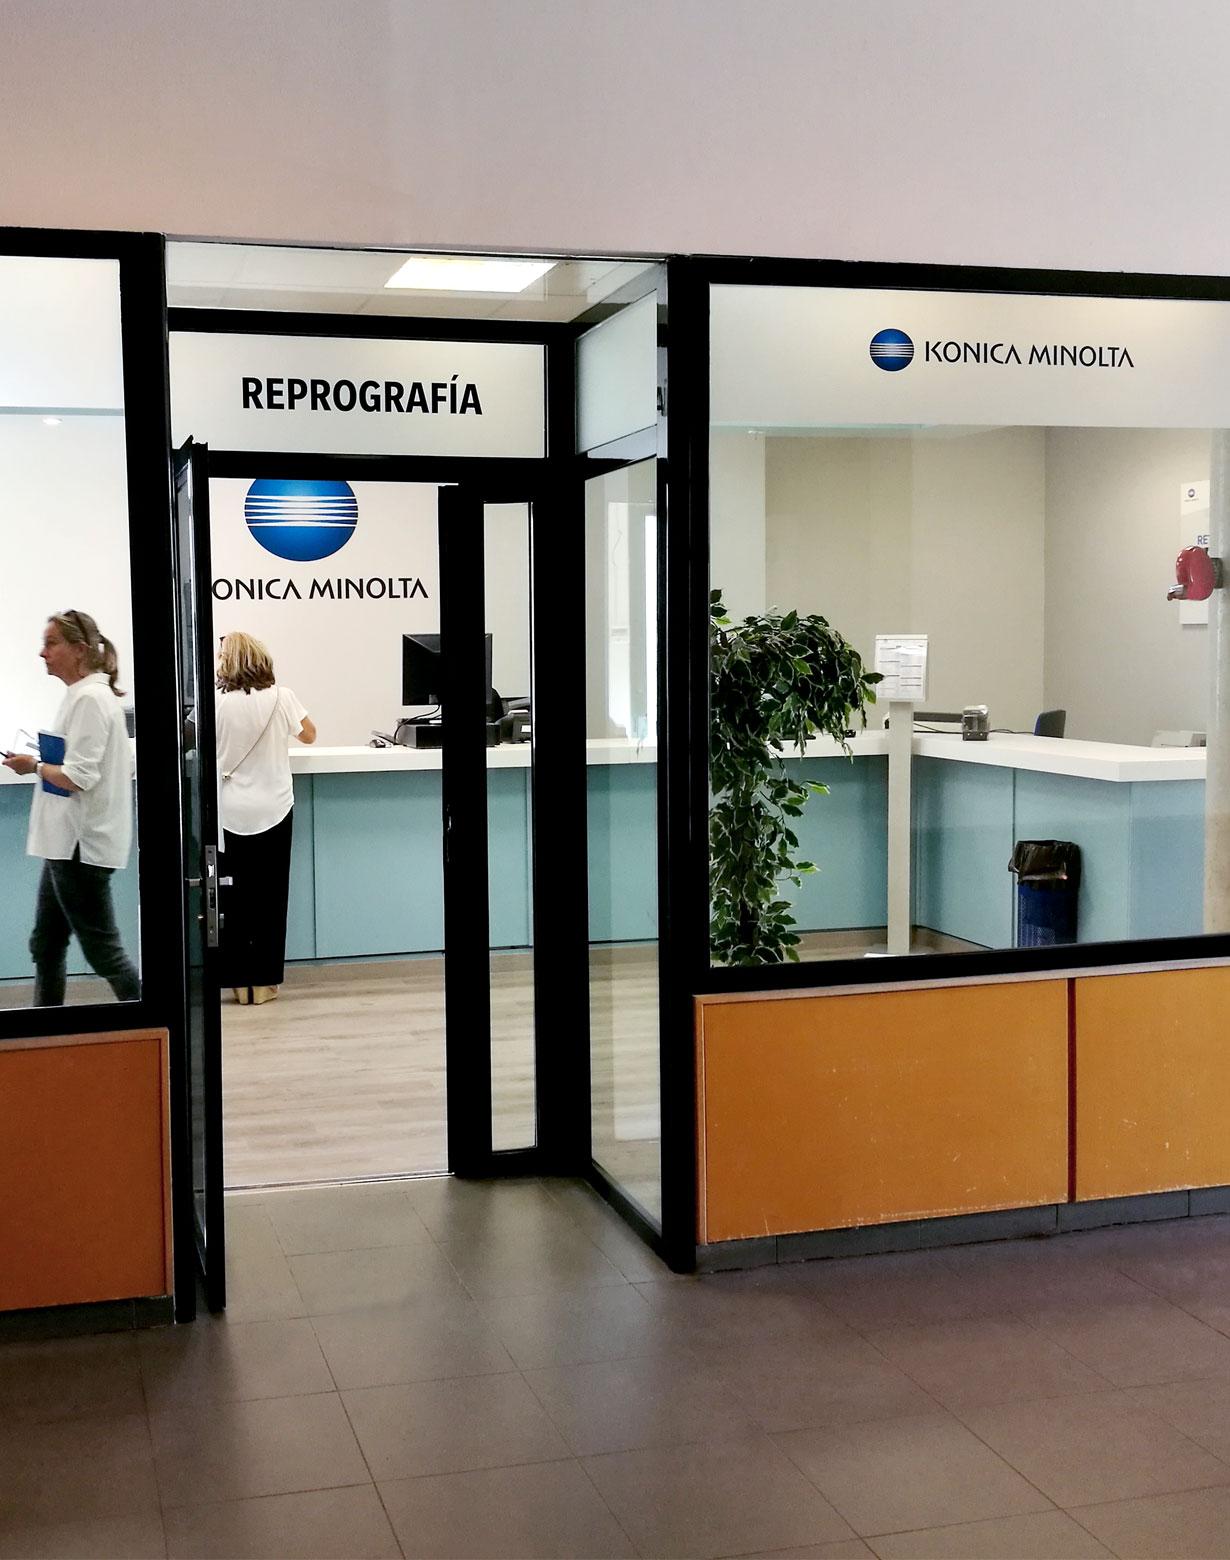 Diseño tiendas reprografía URJI Konica Minolta 4